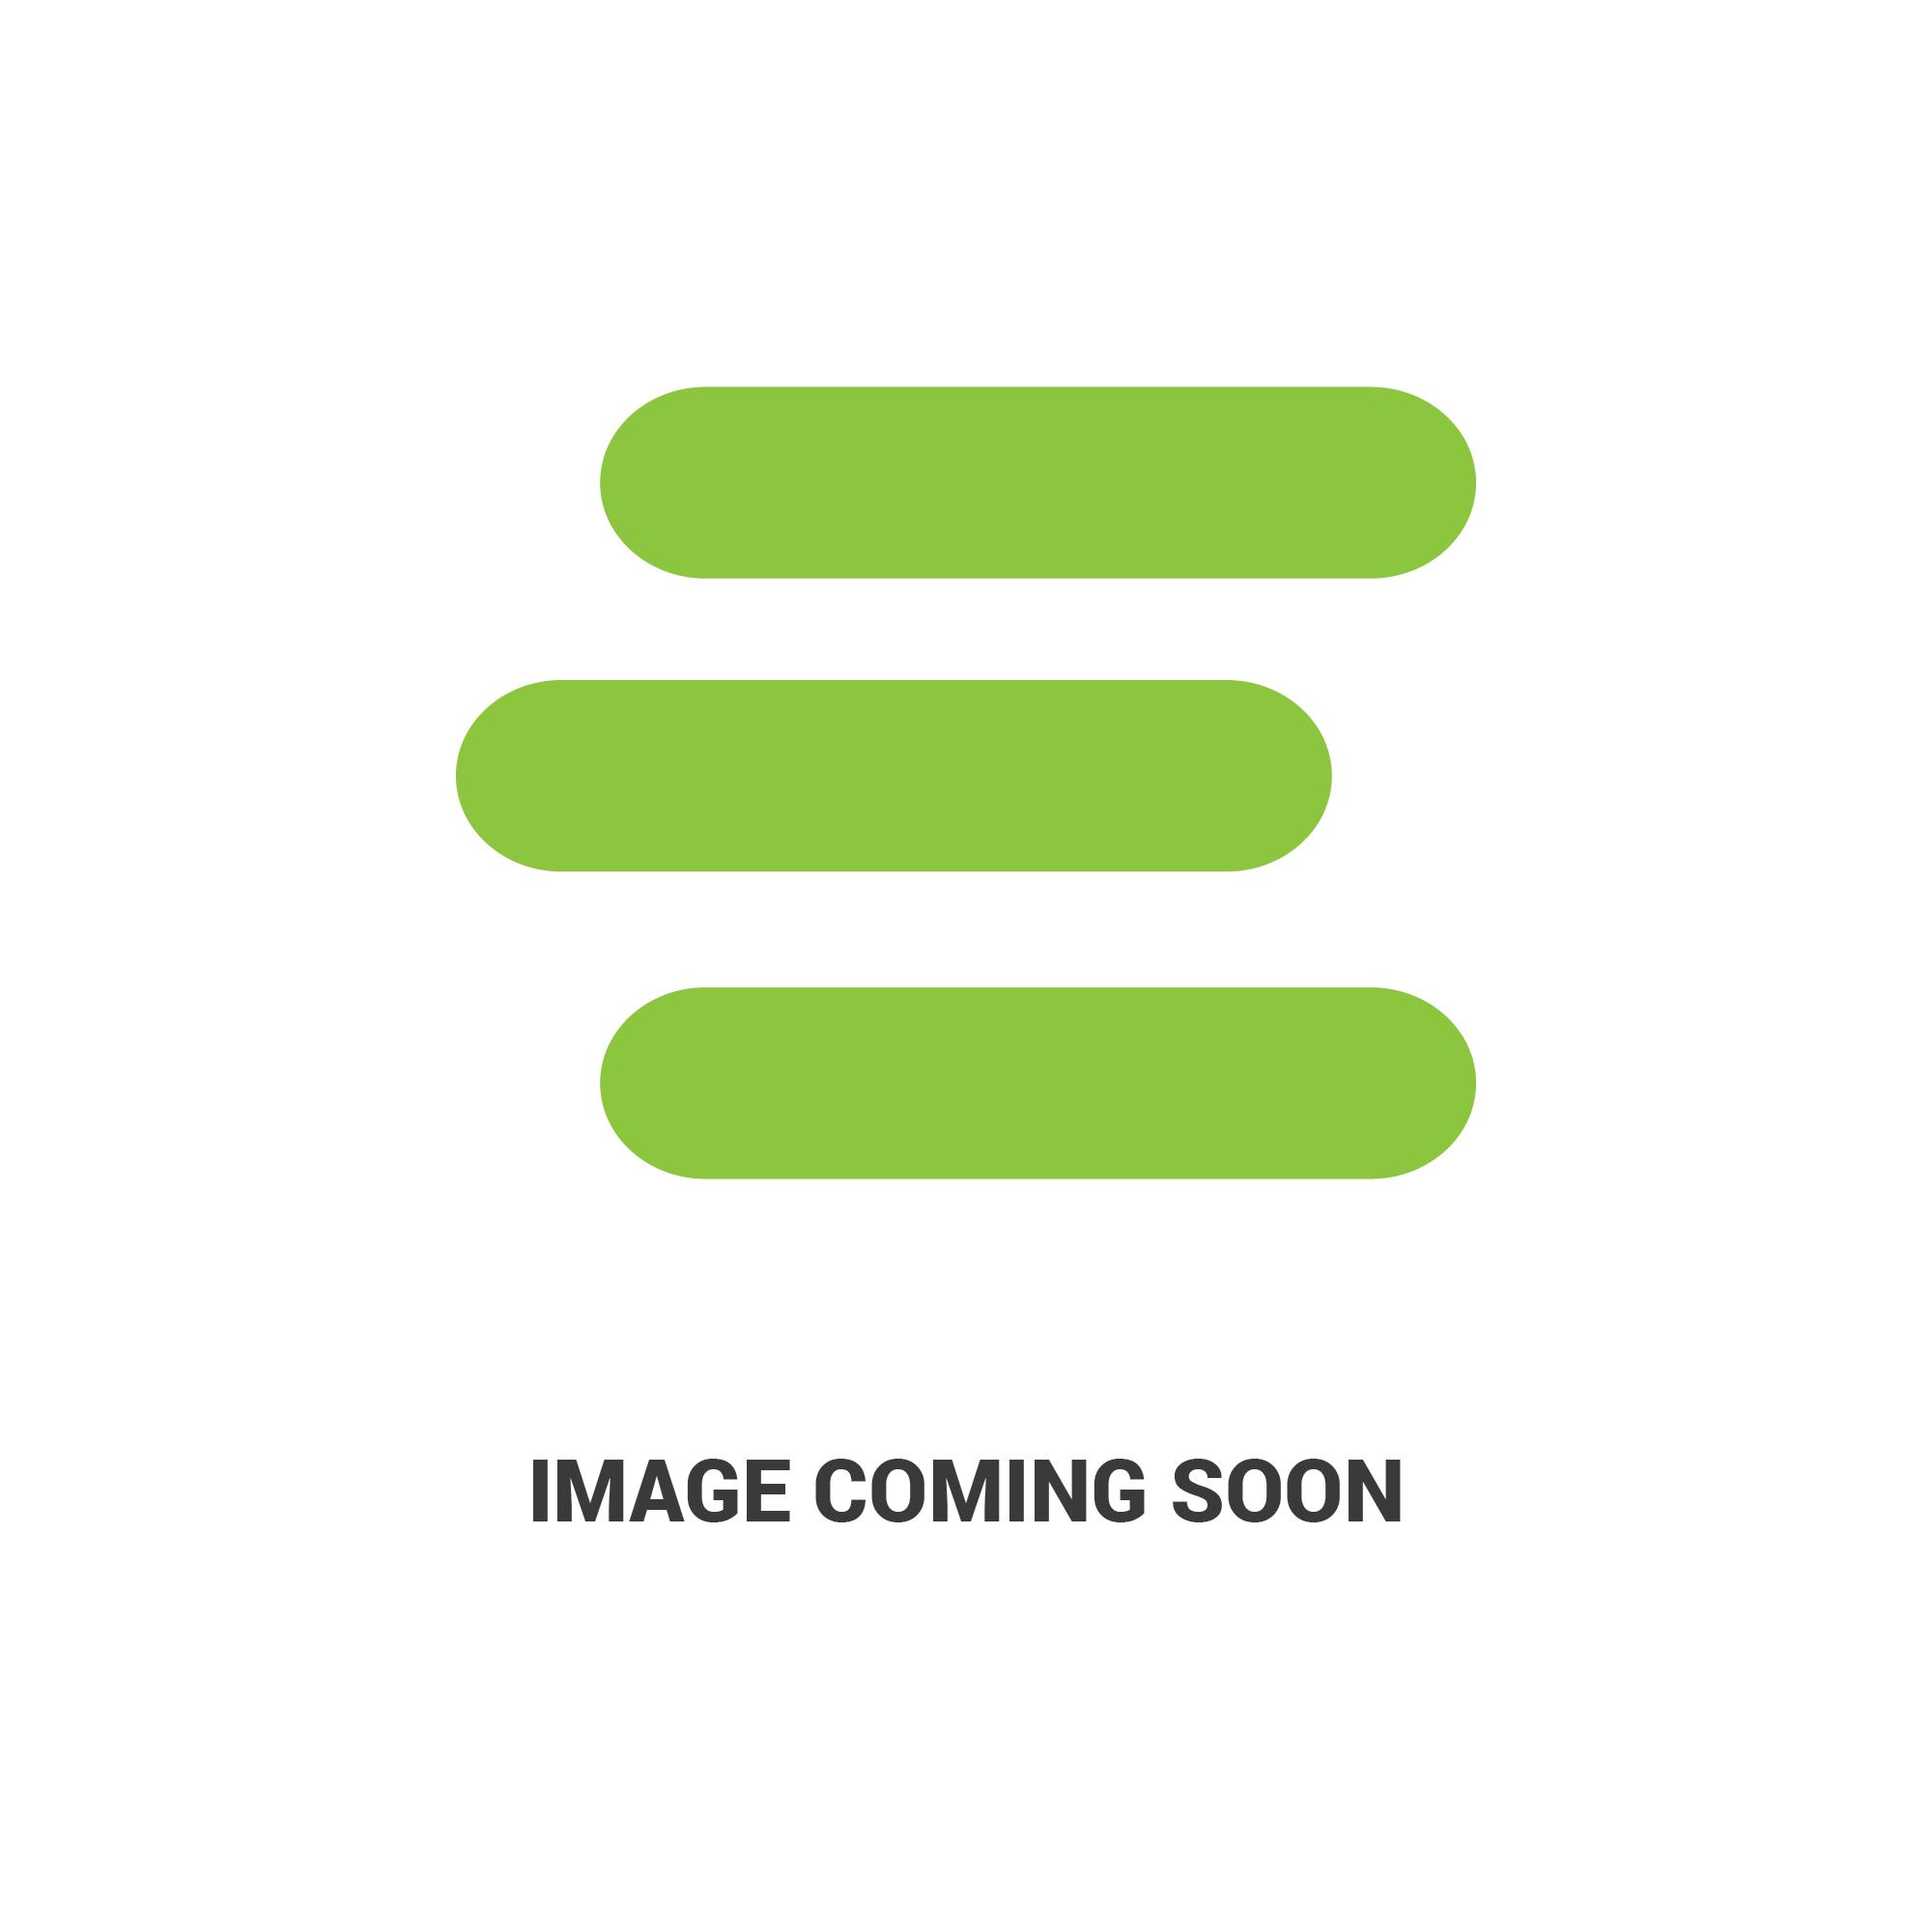 E-AL120032edit 1.jpg